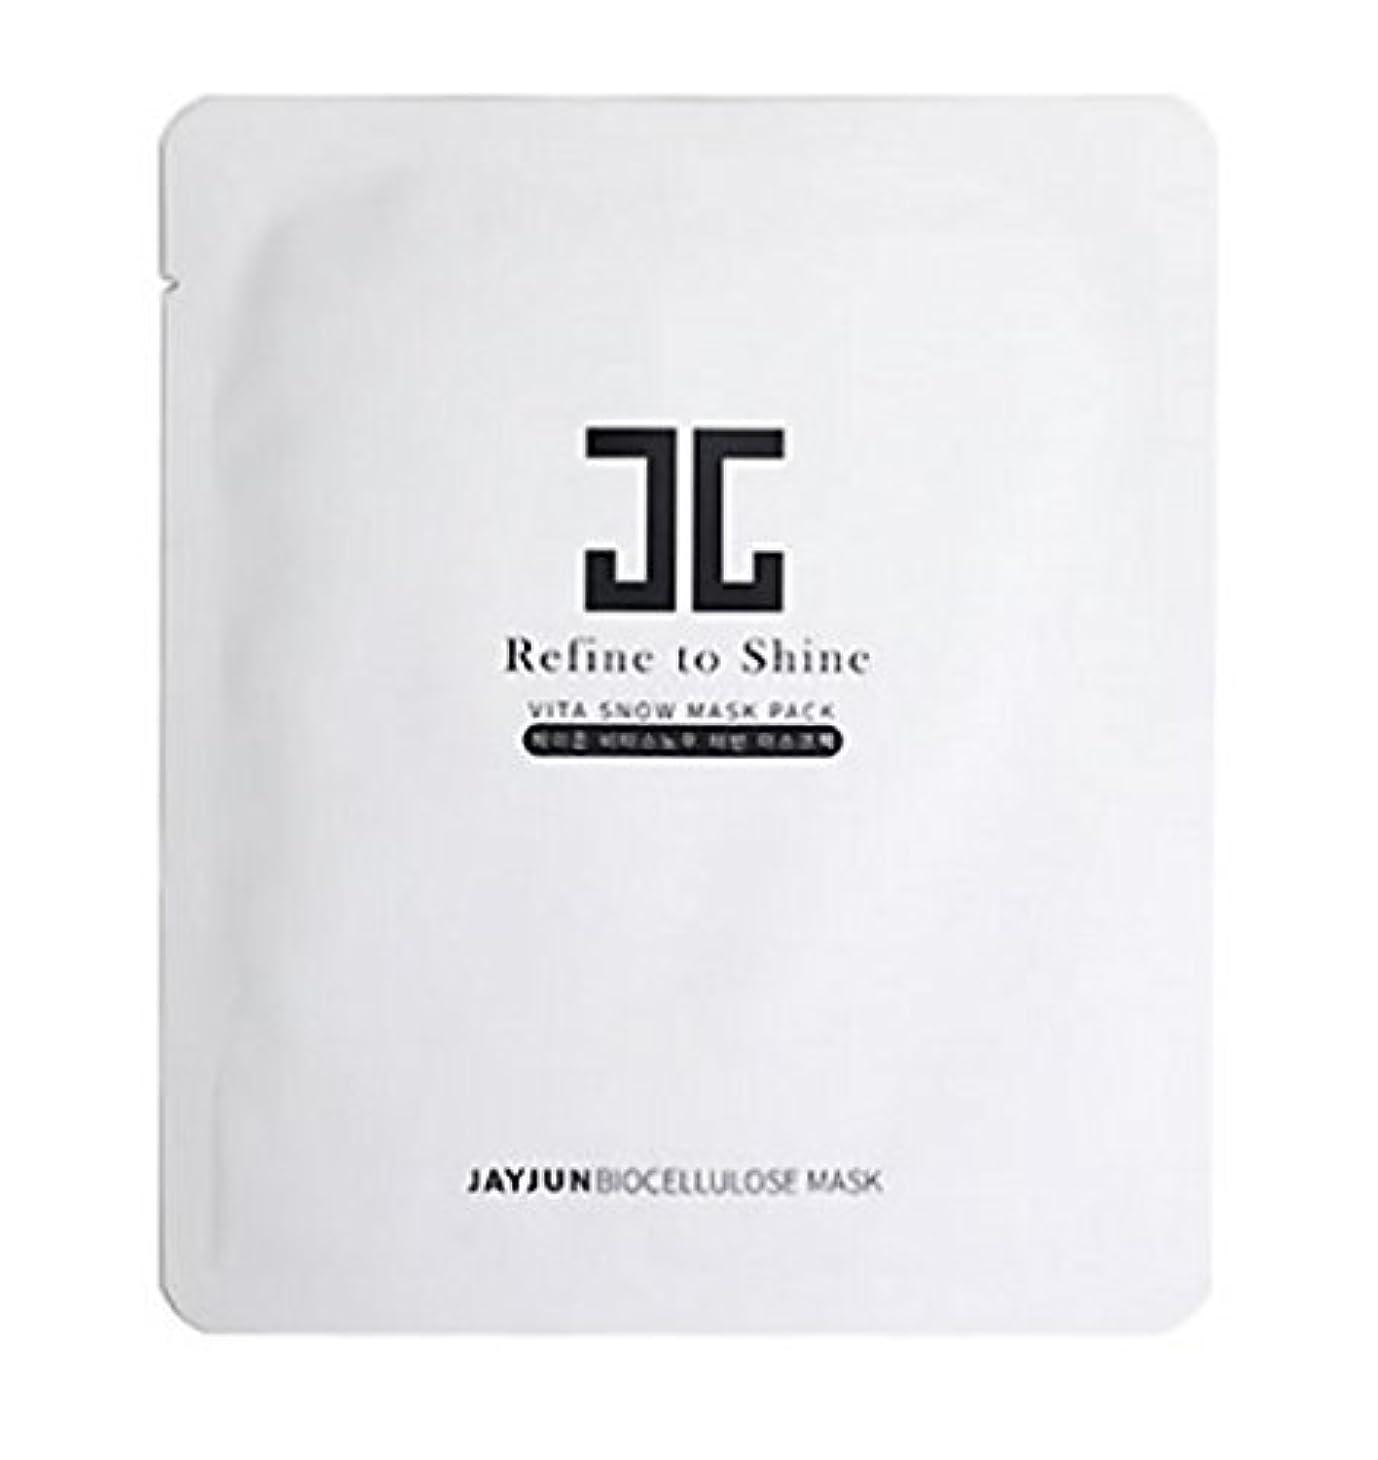 ありがたい適度な狂ったJAYJUN ジェイジュン ヴィタスノー プレミアム バイオセルロース プラセンタフェイシャルマスク[5枚入り]Vita Snow Premium Bio Cellulose placenta Facial Mask [...